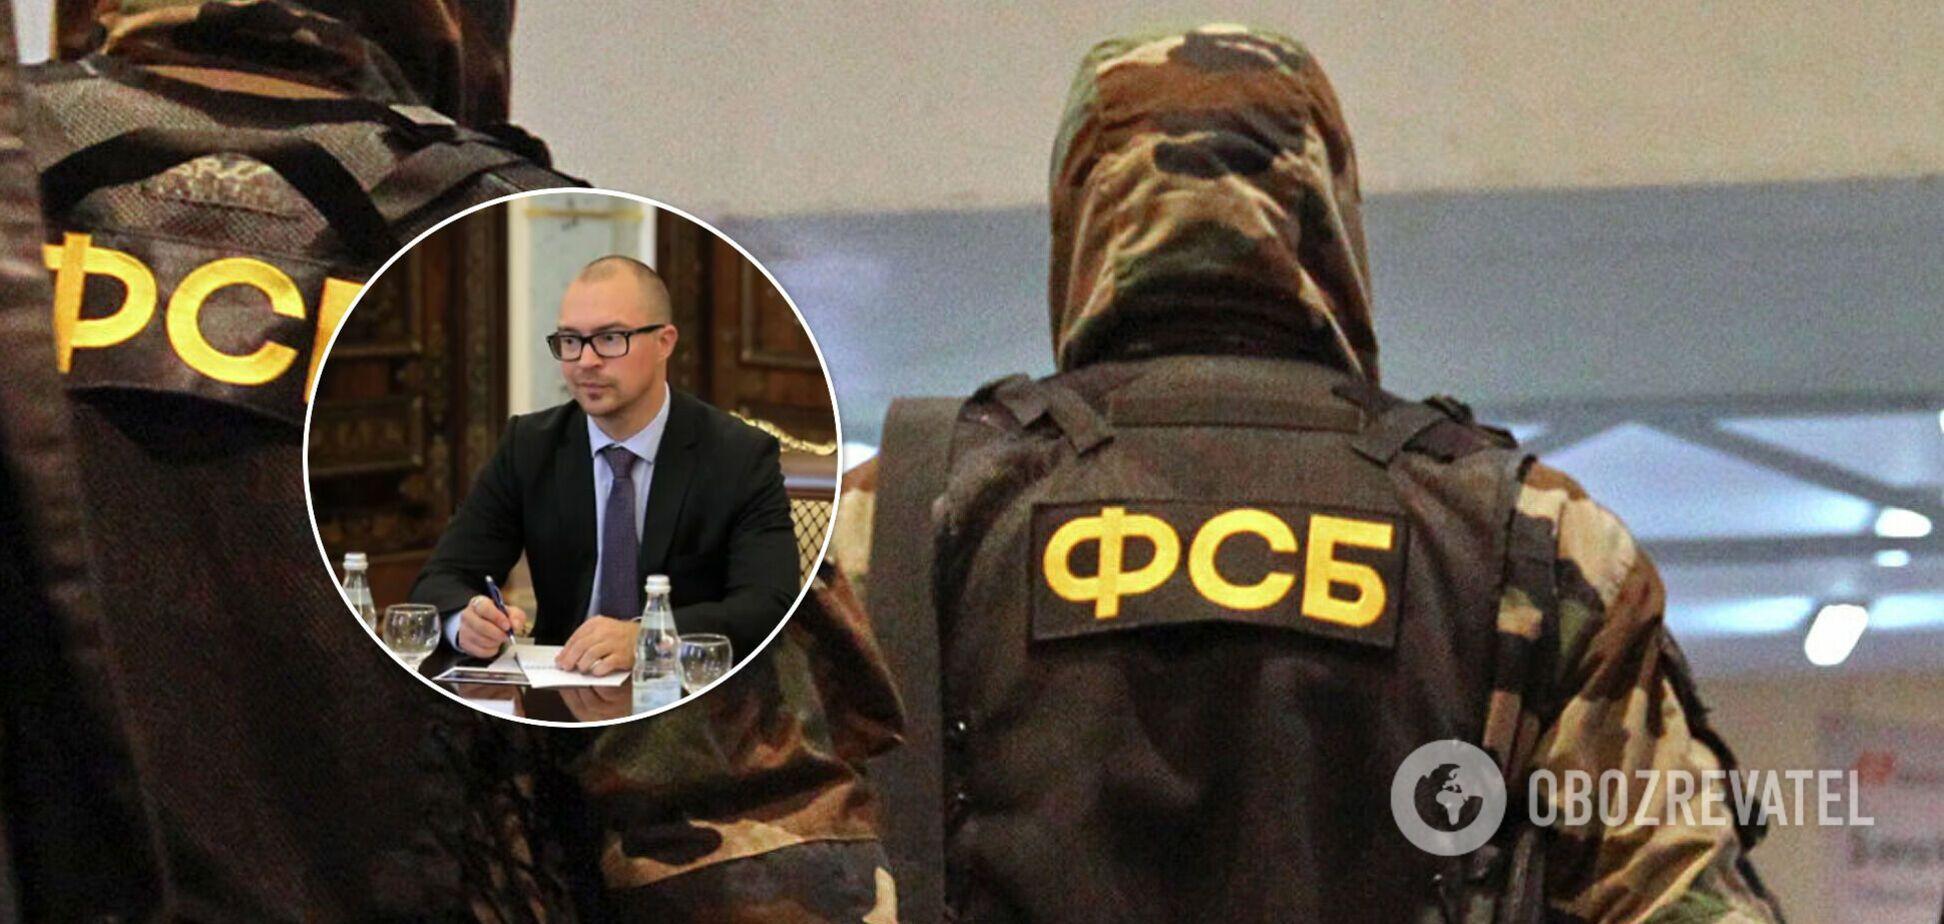 ФСБ в Петербурге задержала консула Эстонии 'за враждебные действия'